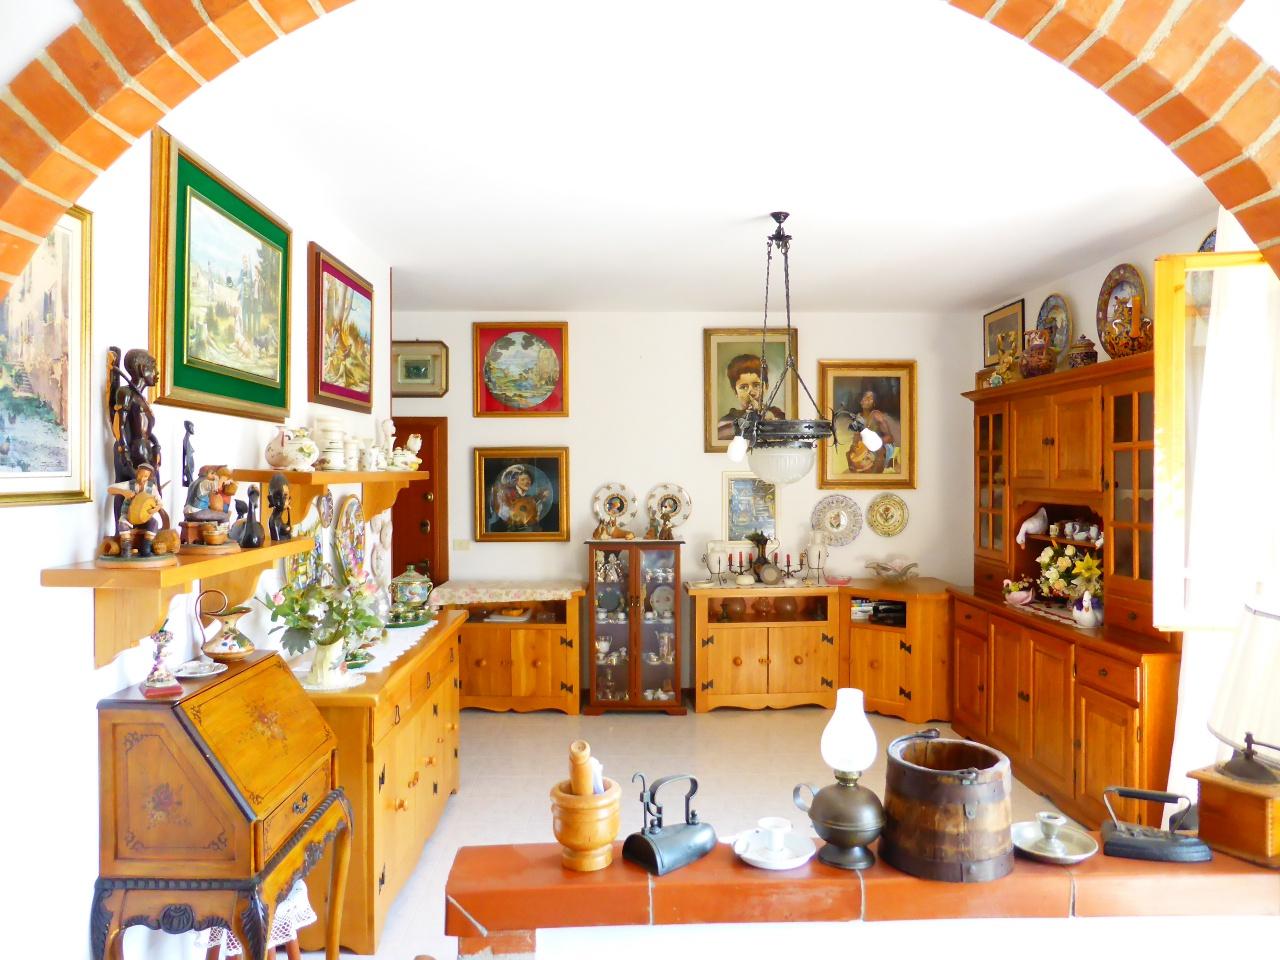 vendita appartamento gavorrano bagno di gavorrano Via Magellano 175000 euro  5 locali  100 mq